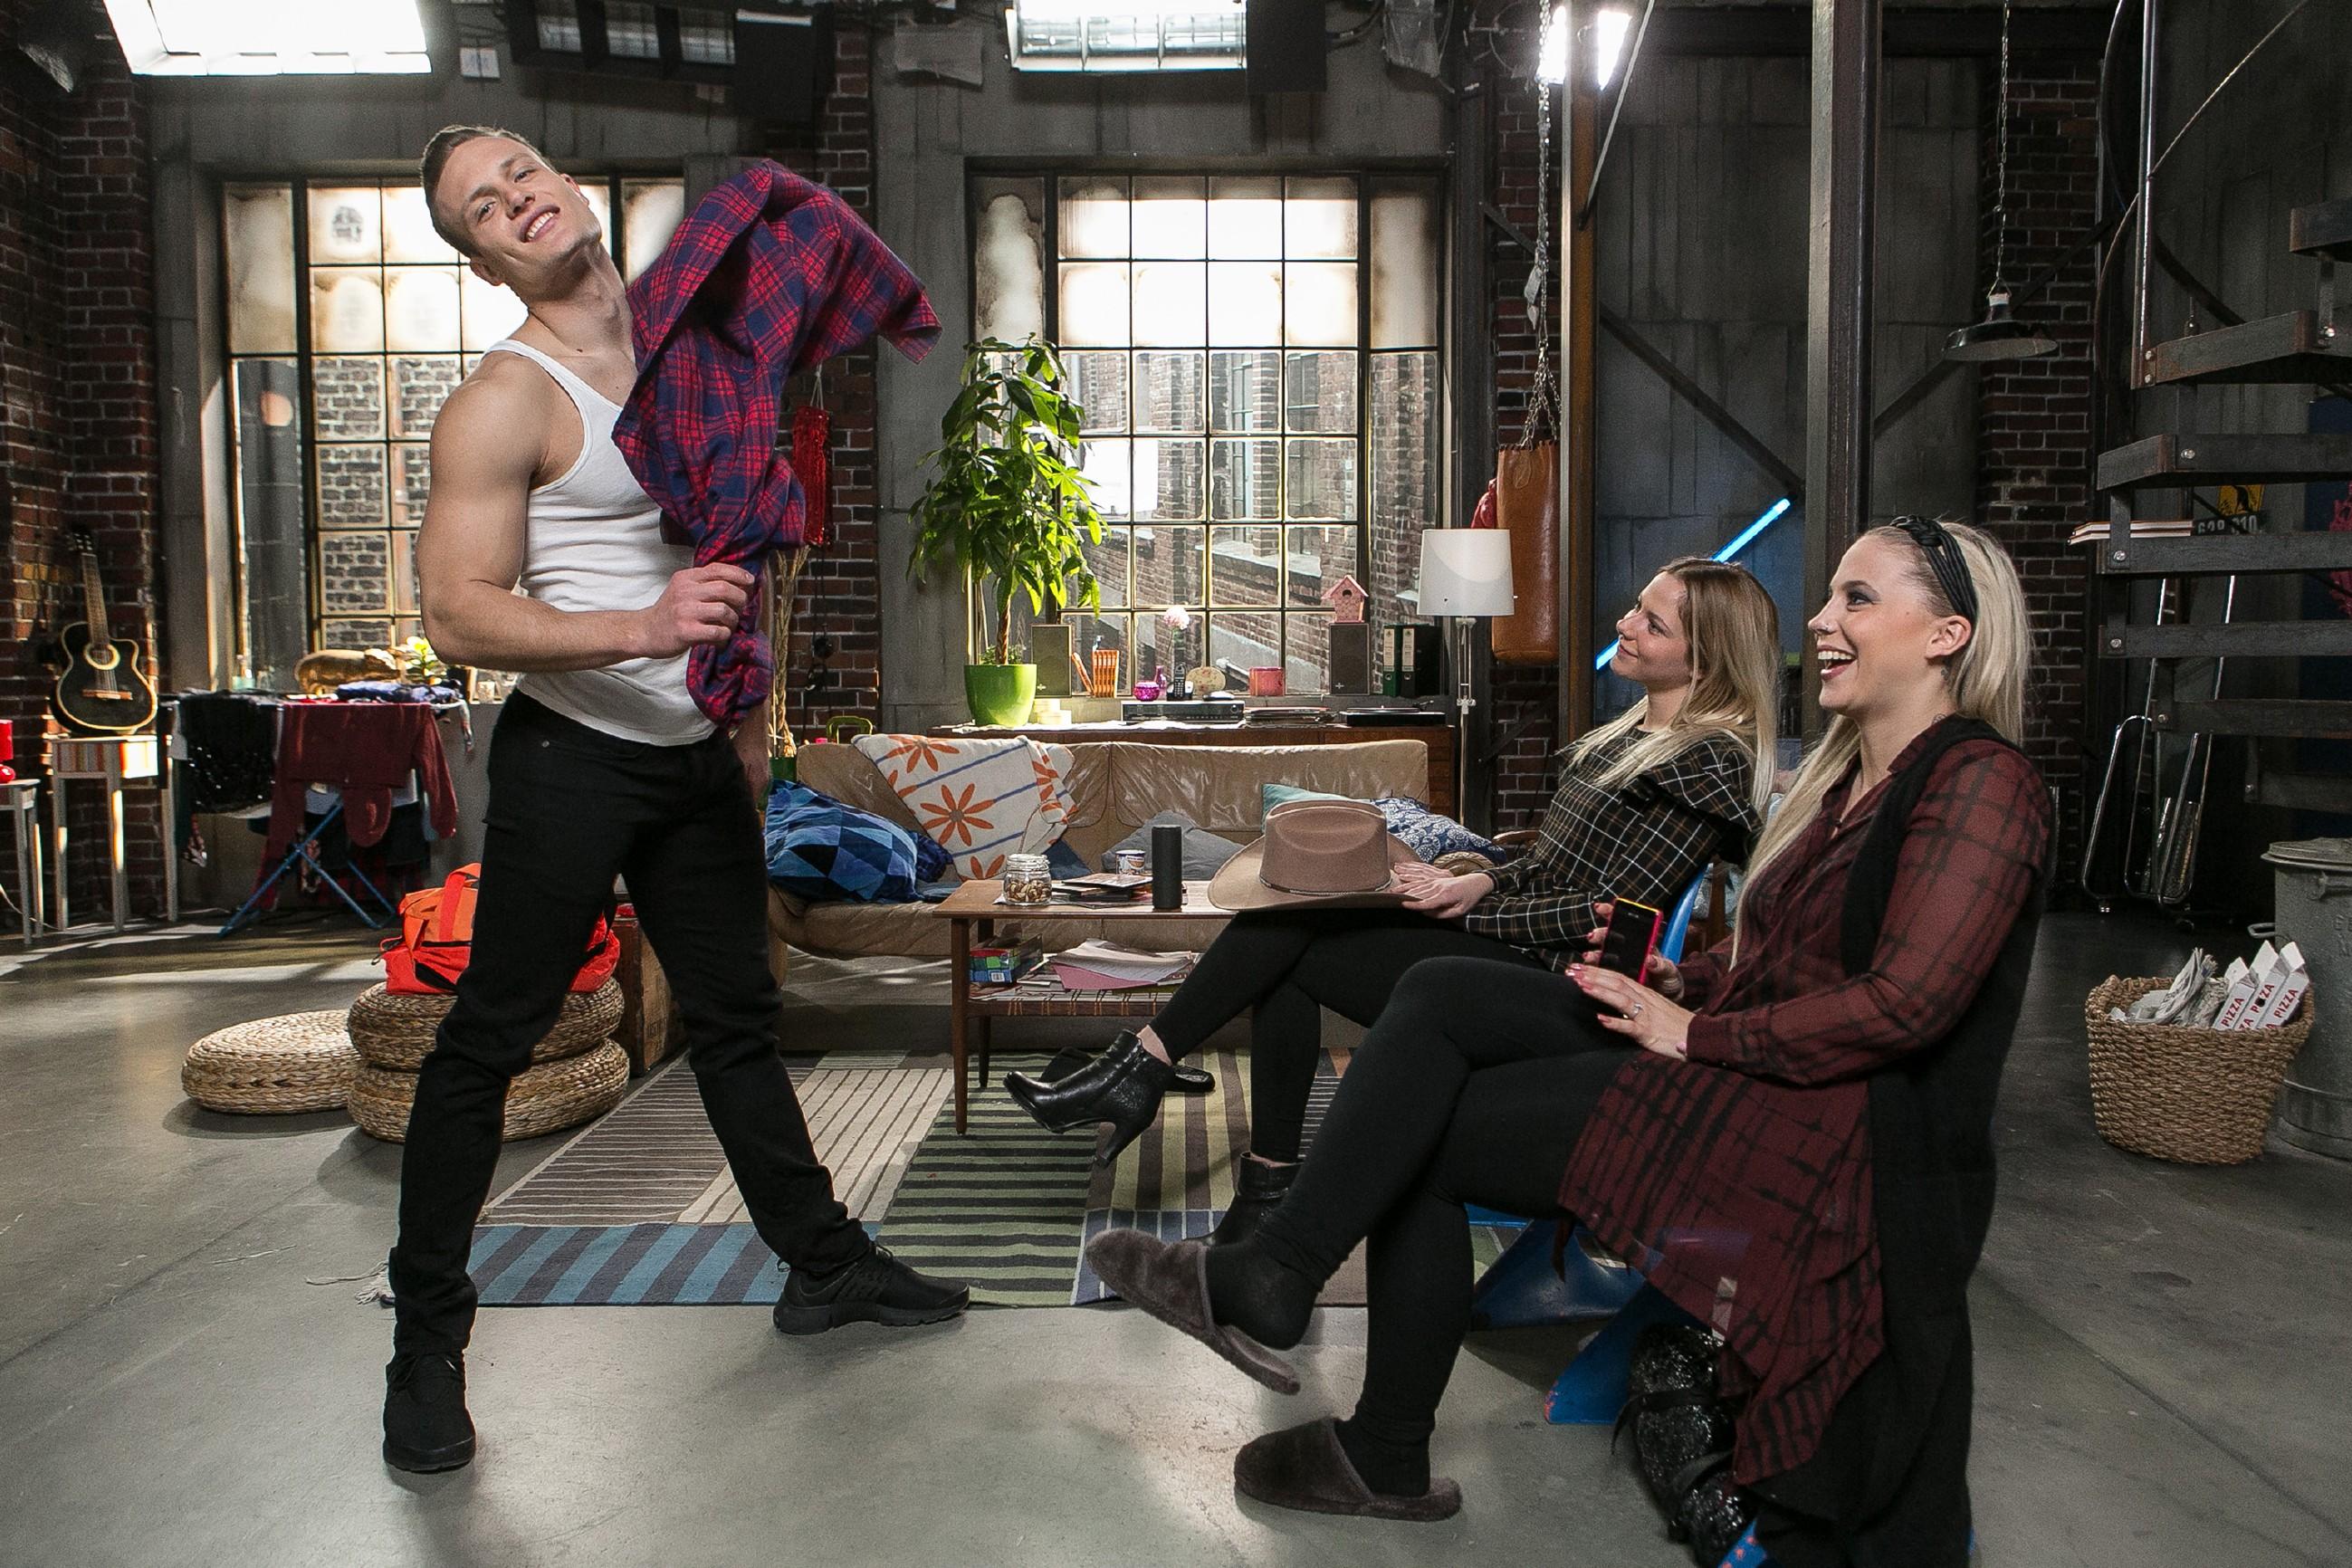 Als Tim (Robert Maaser) vor Marie (Cheyenne Pahde) und Iva (Christina Klein, r.) einen Probestrip hinlegt, muss Marie sich eingestehen, dass sie sich in Tim verknallt hat... (Quelle: RTL / Kai Schulz)